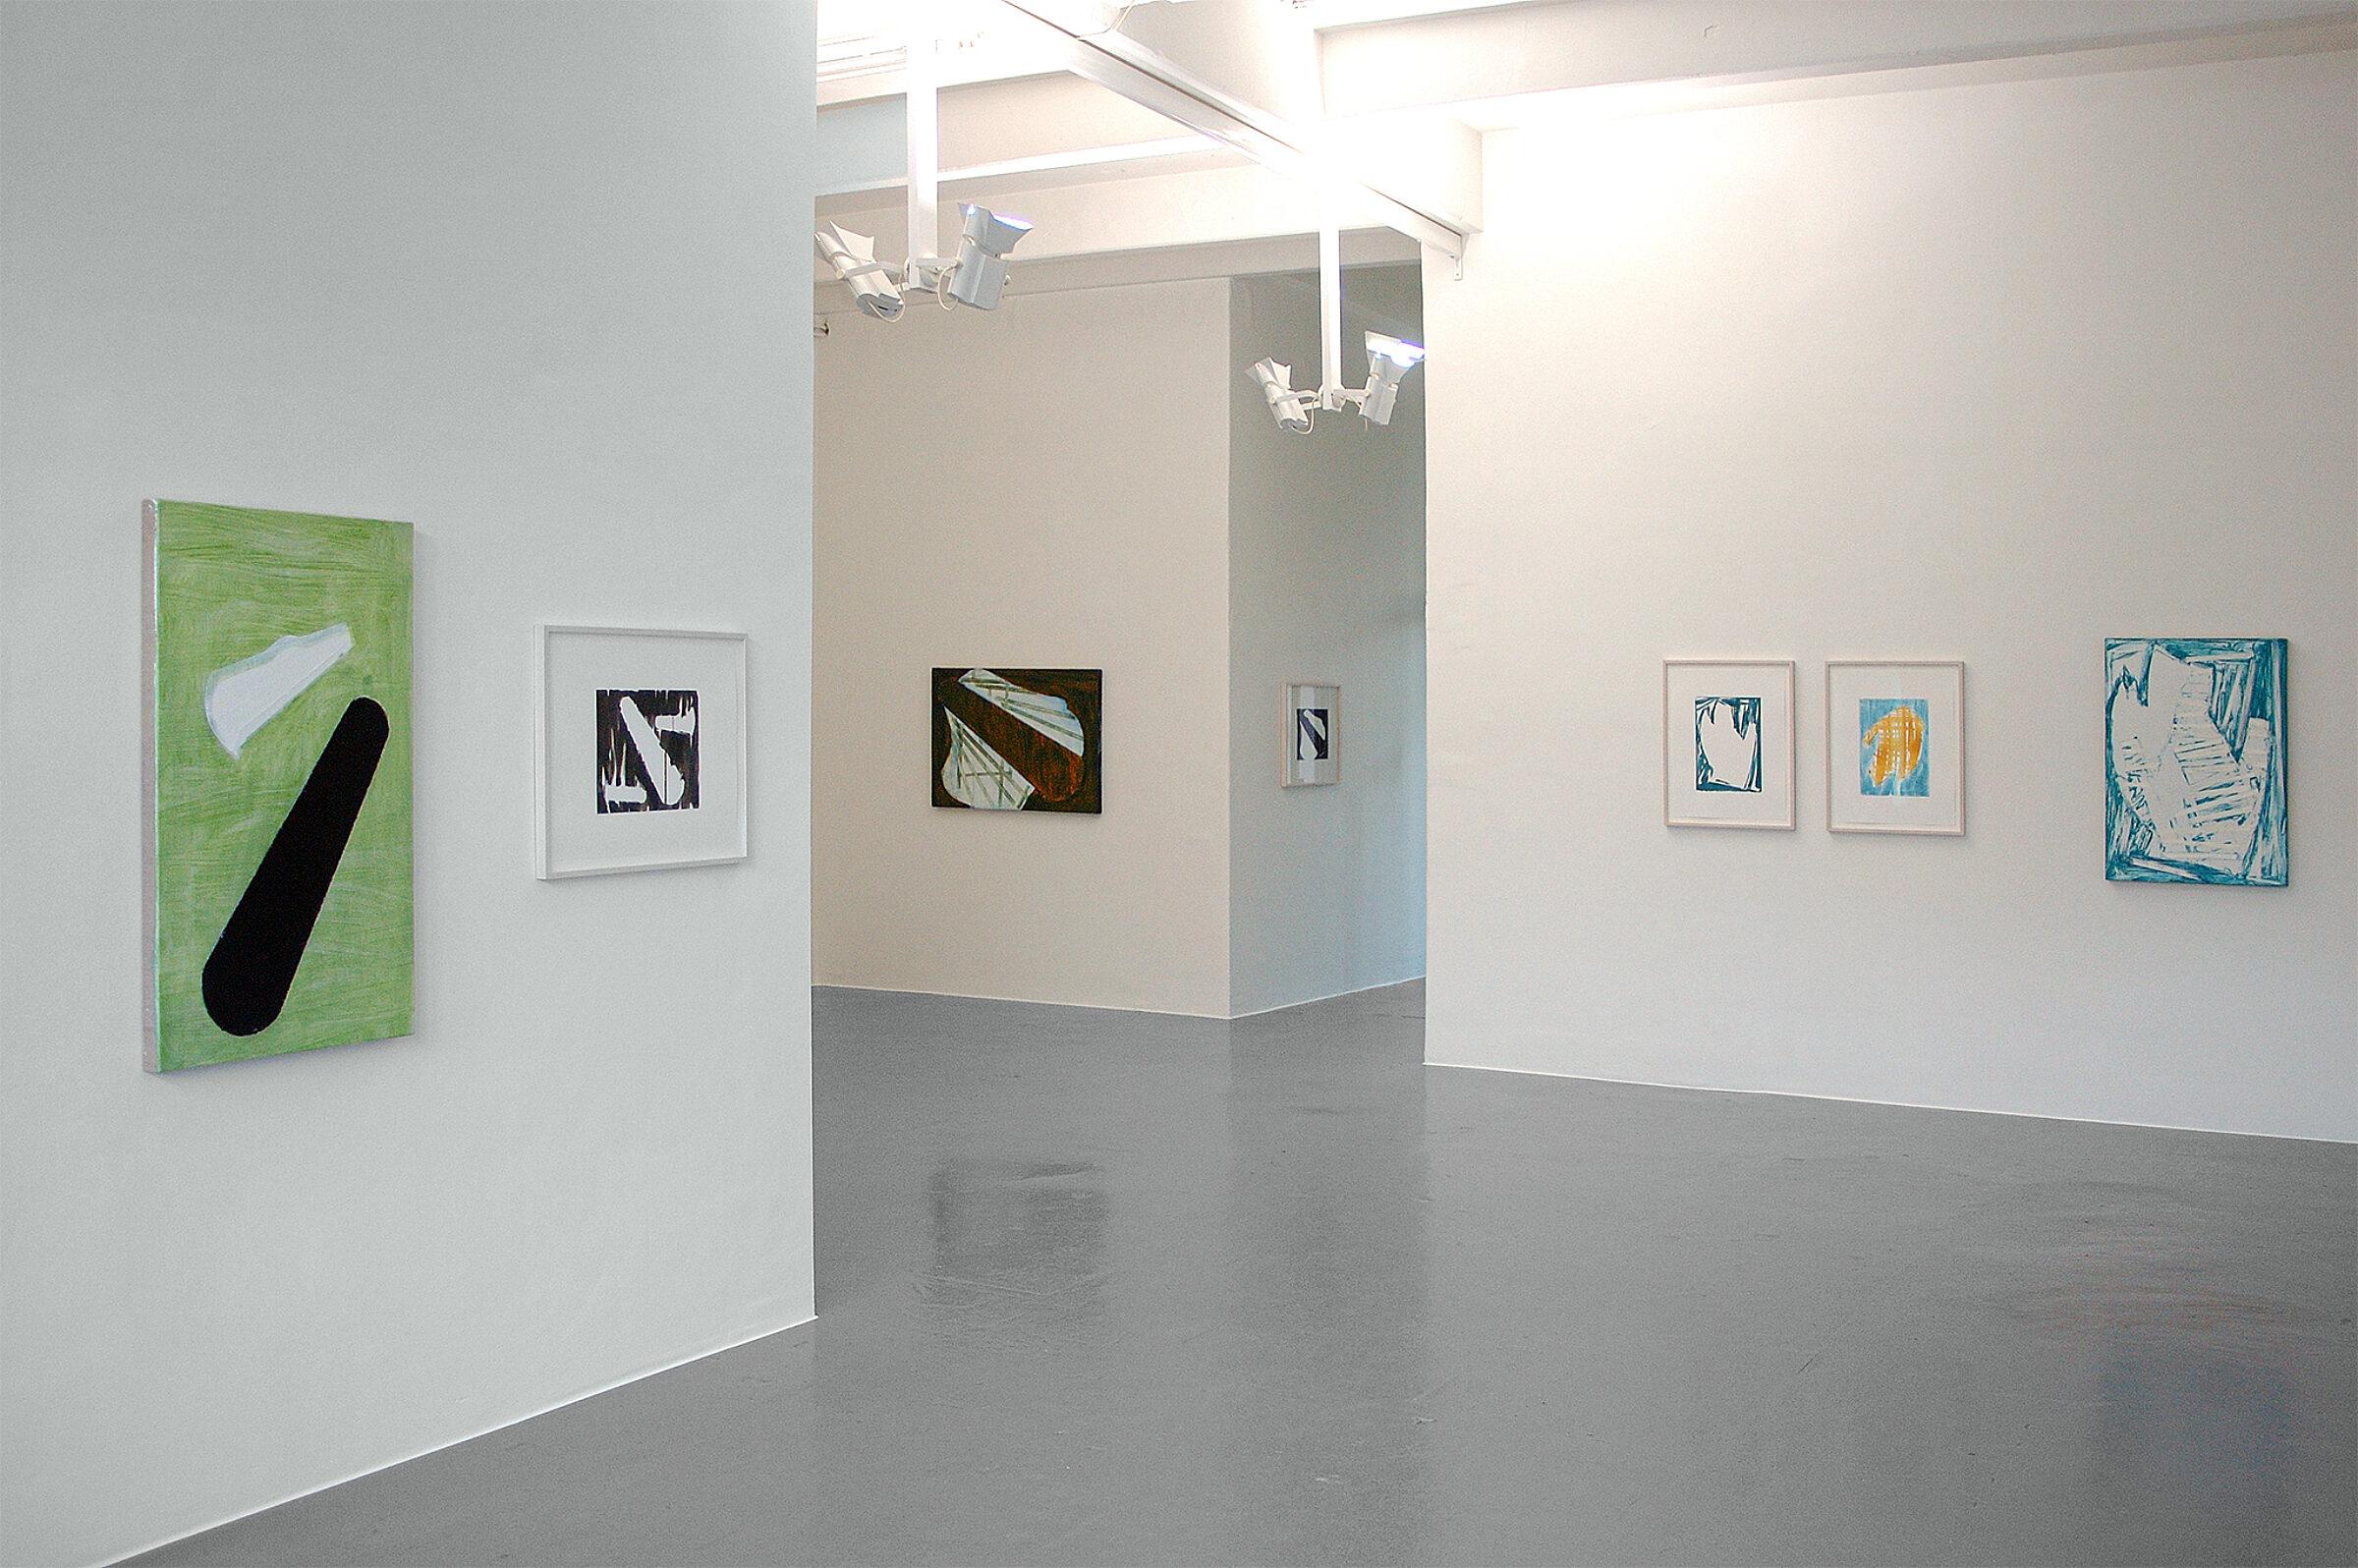 Toon-Verhoef-Galerie-Onrust-EX-2009-on-paper01.jpg